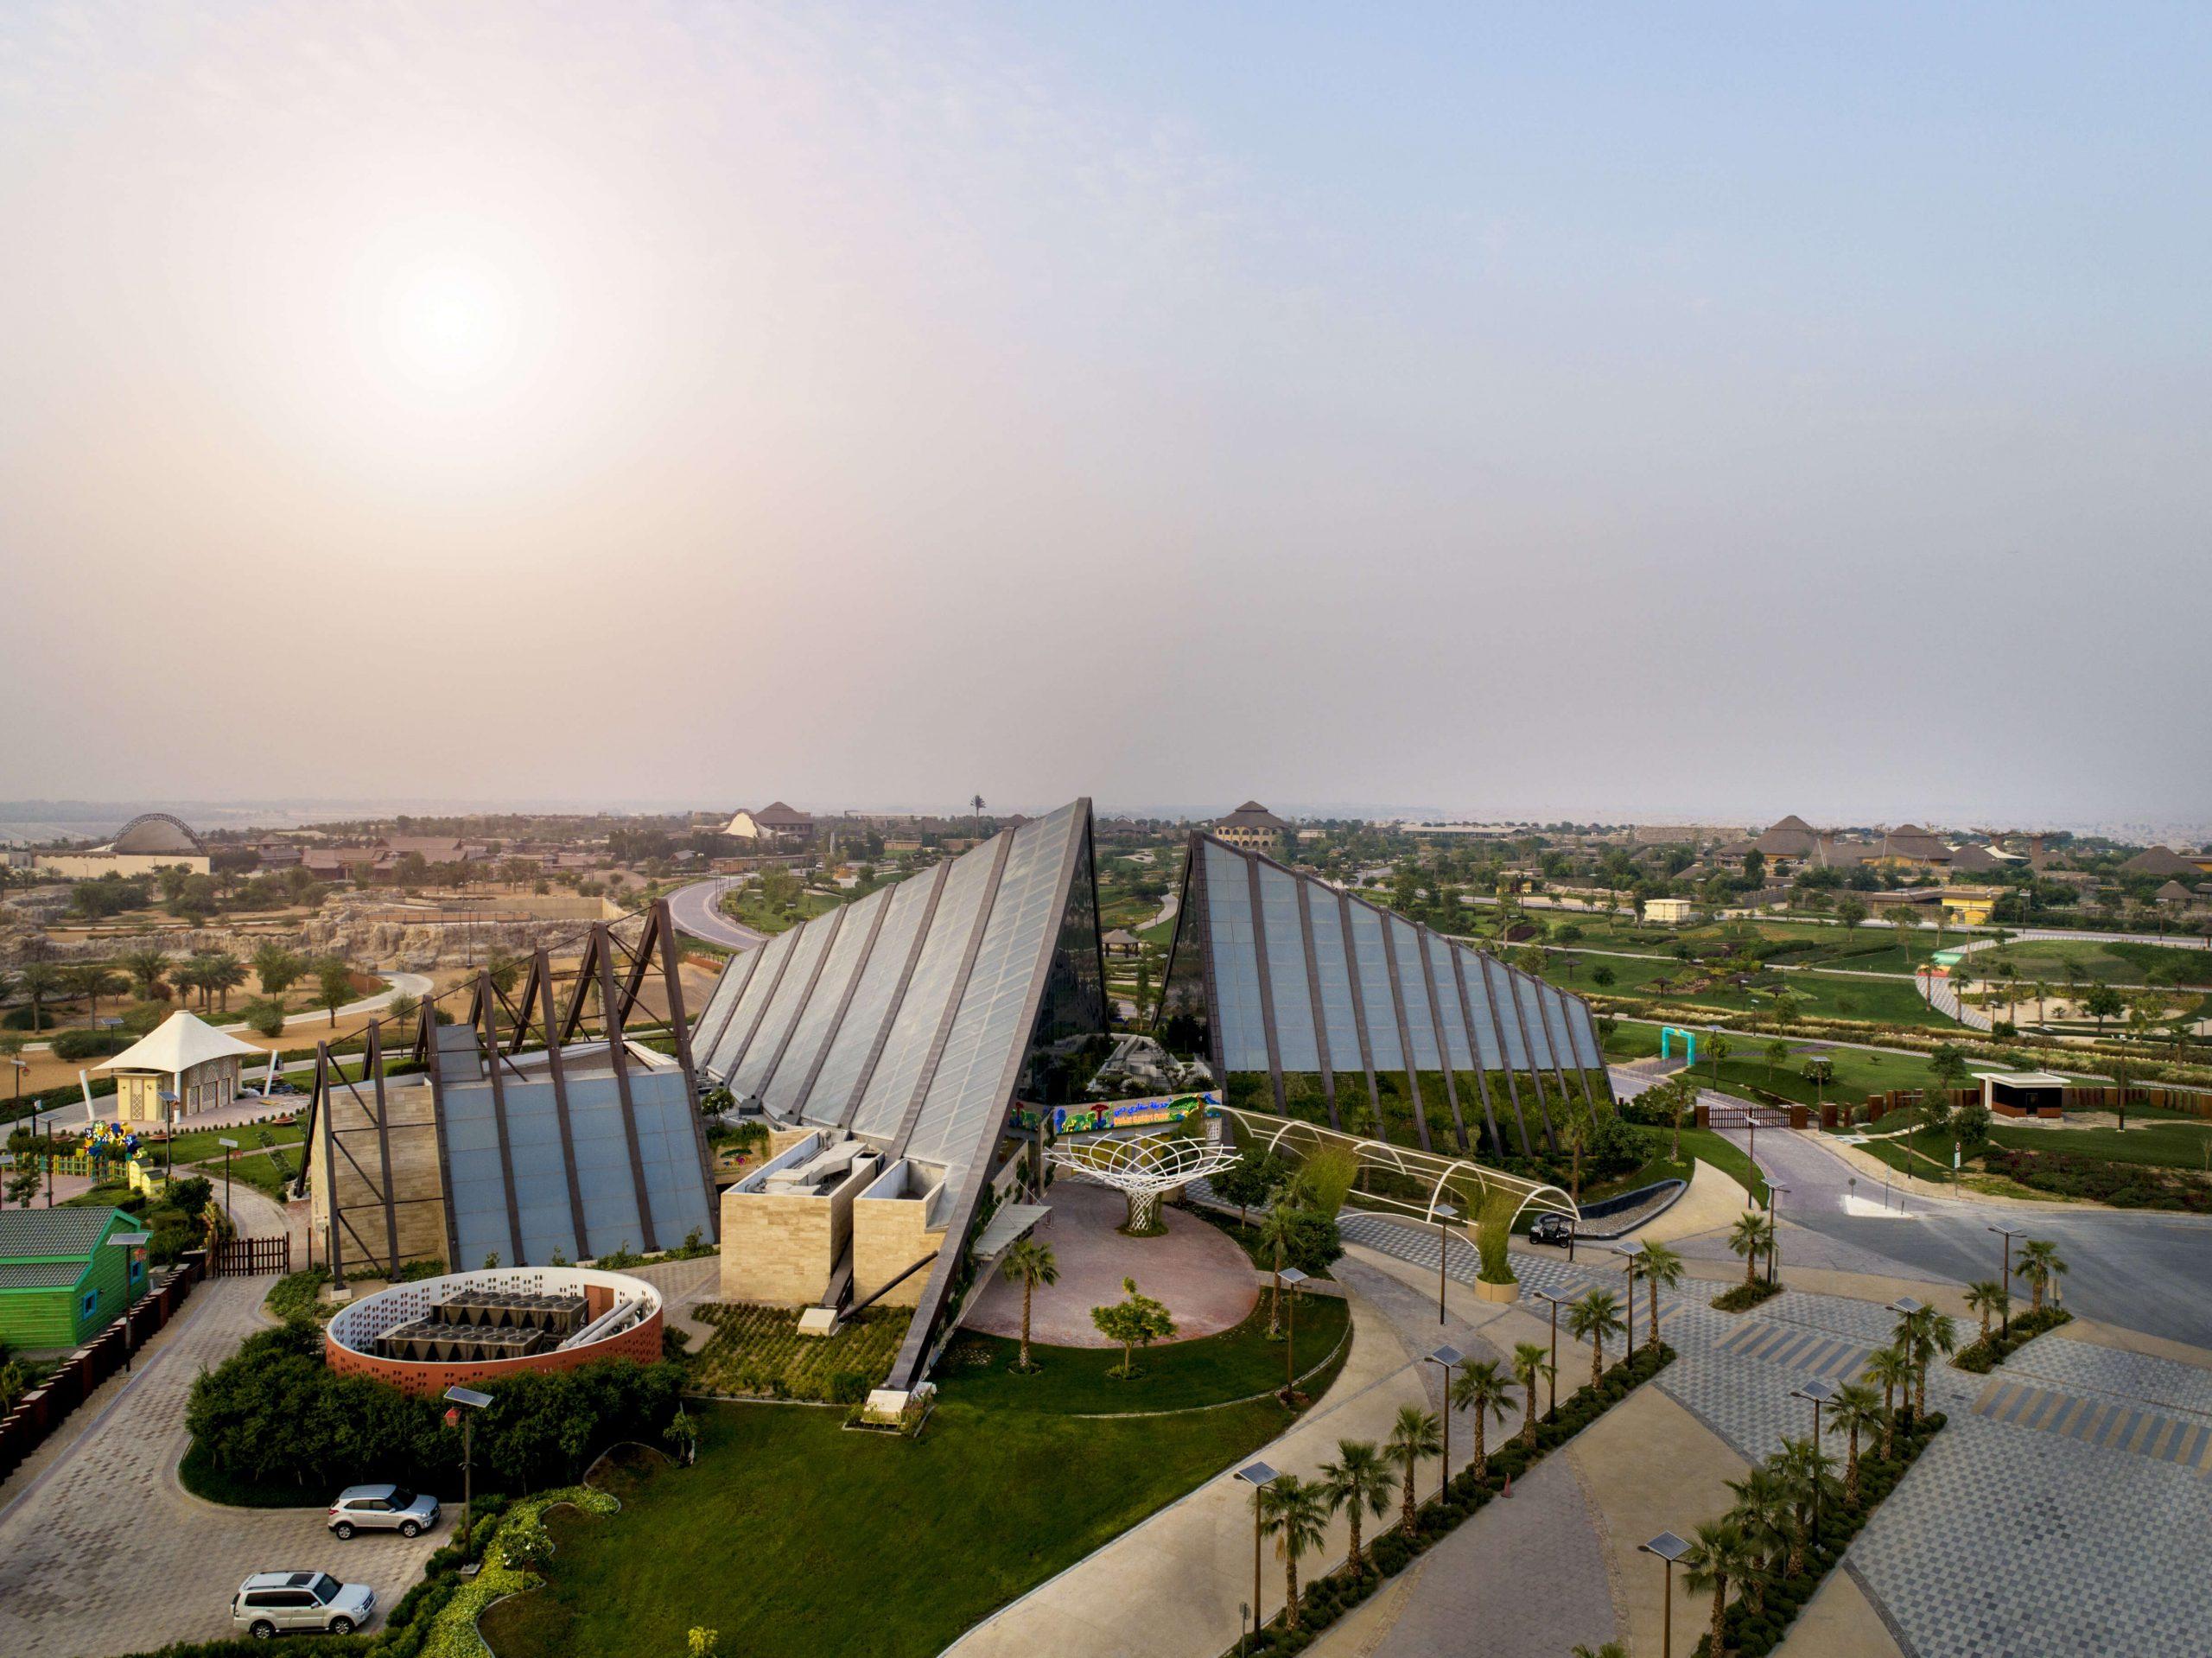 دبي سفاري بارك تفتتح أبوابها وتقدم مجموعة من التجارب للضيوف